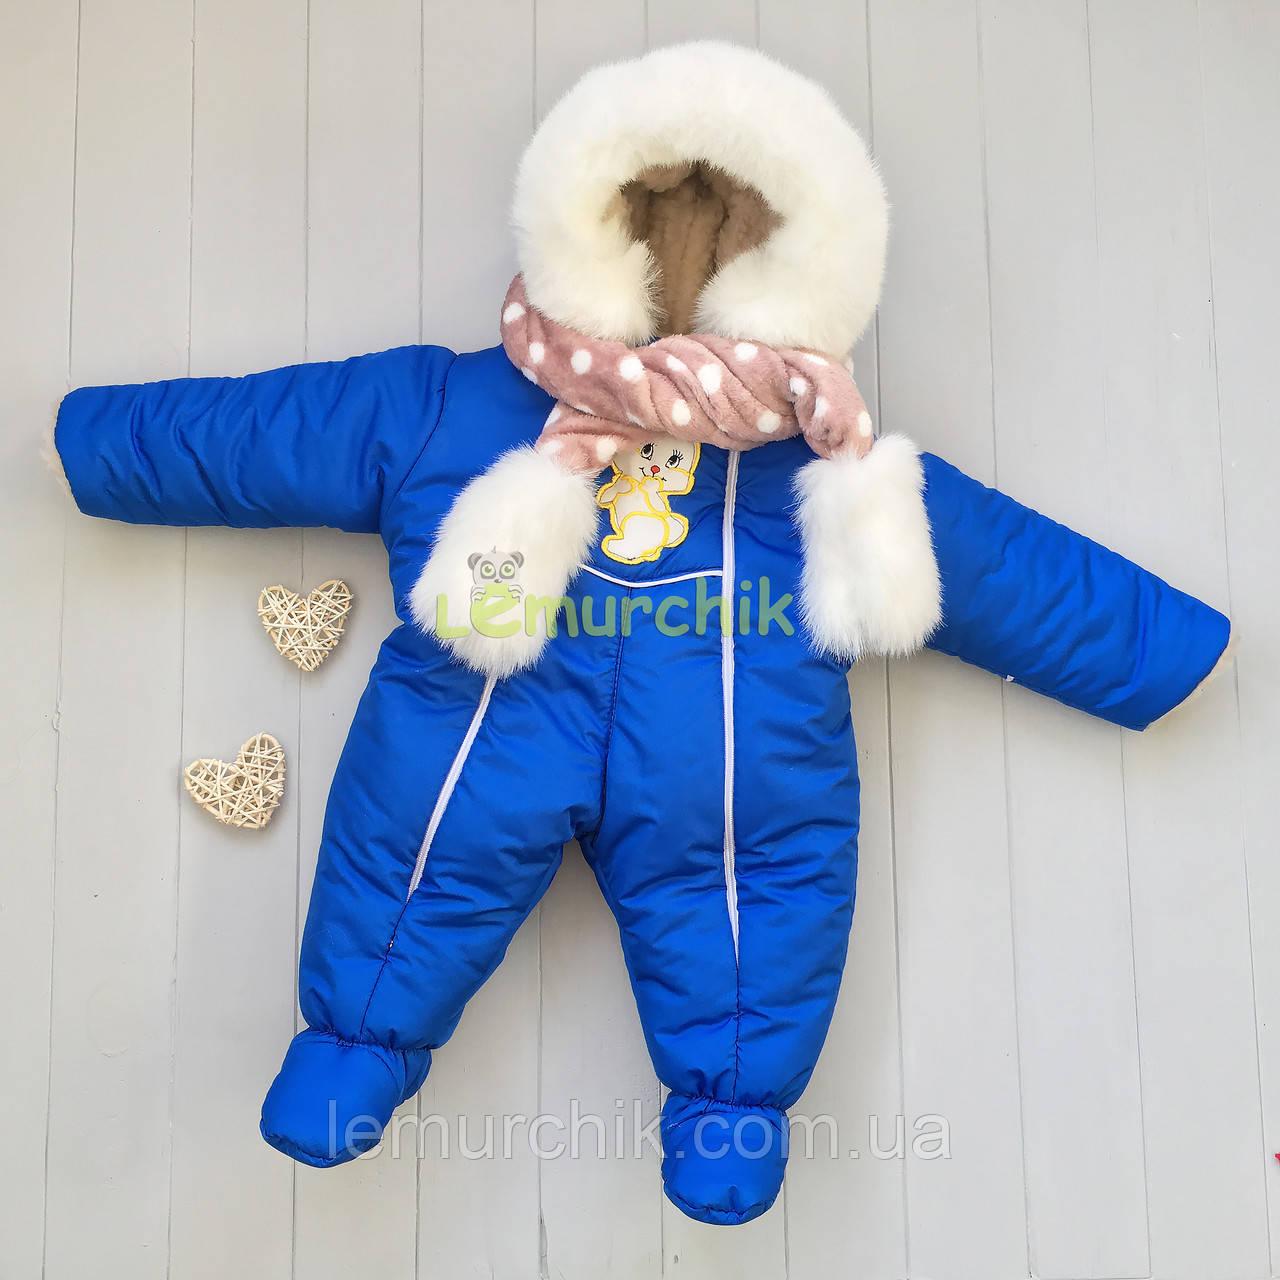 Комбинезон детский теплый на меху с капюшоном синий 0-5 месяцев